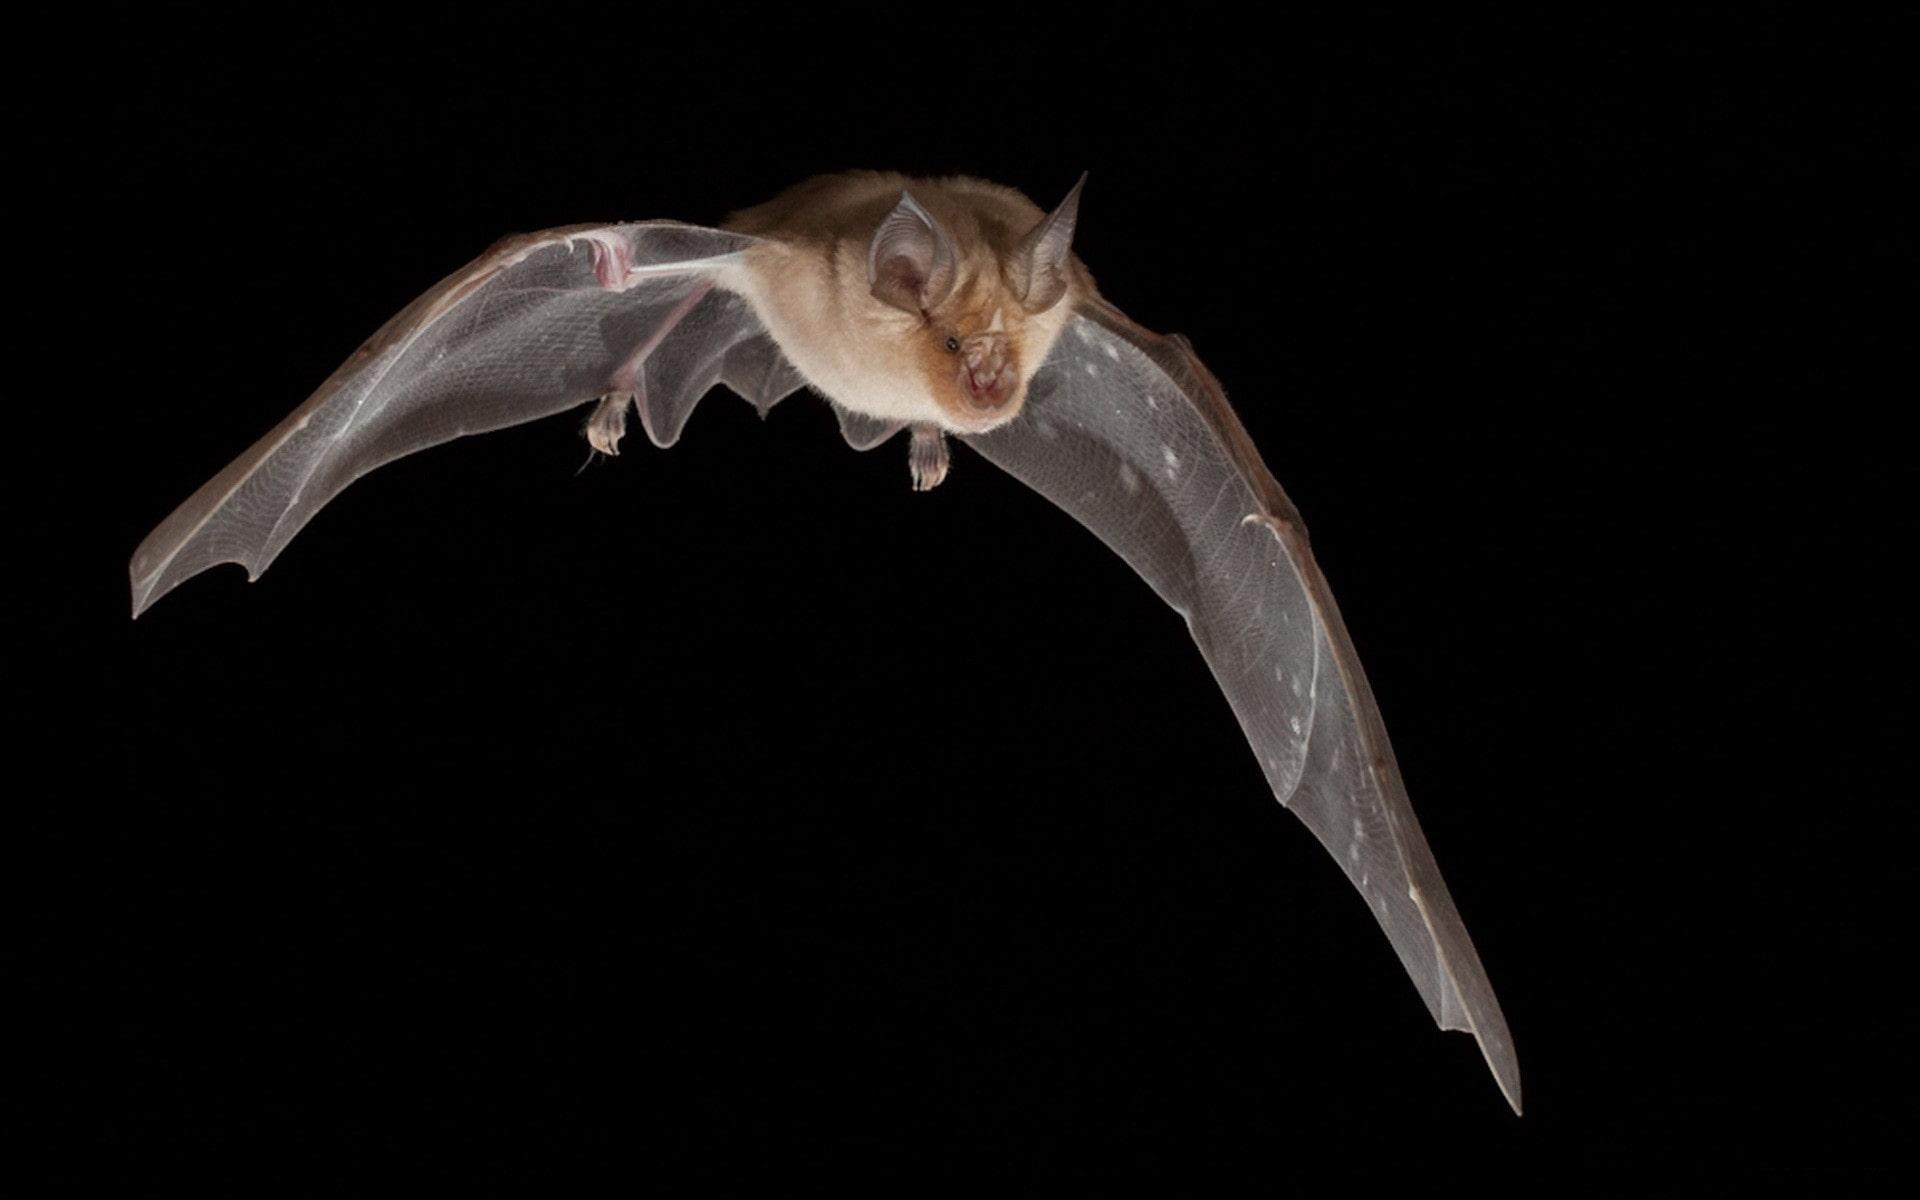 Bat widescreen for desktop